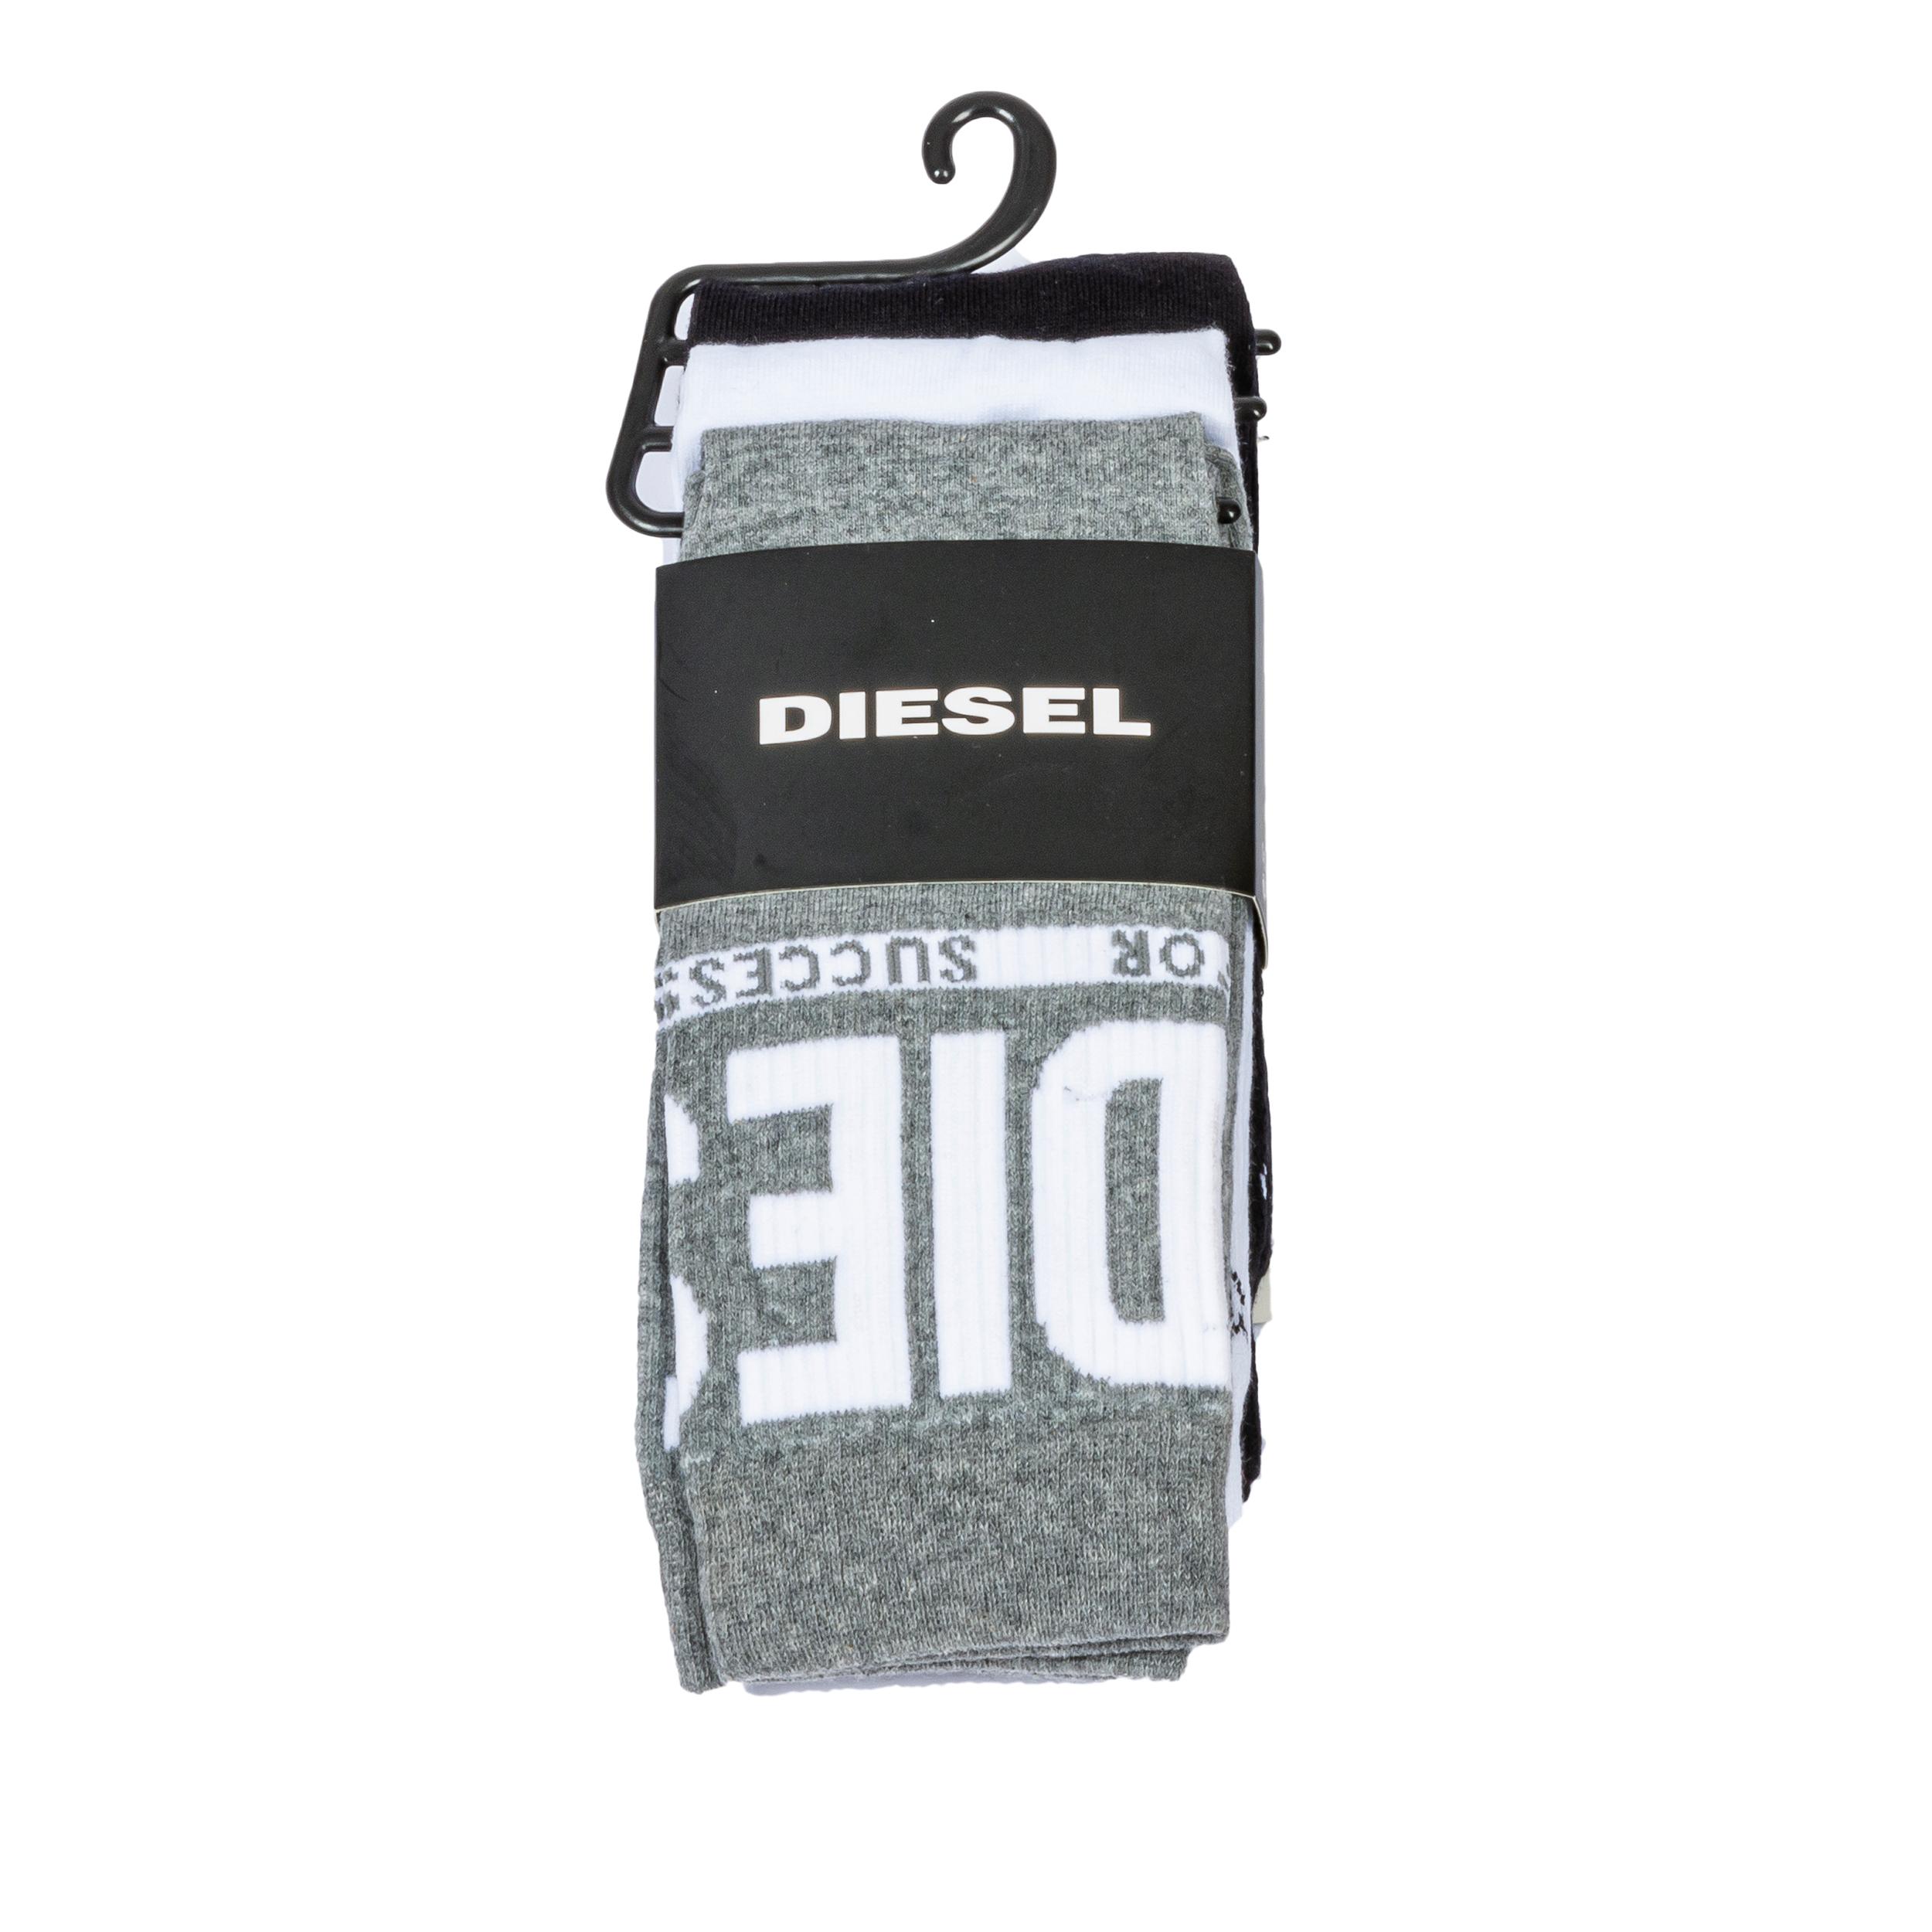 Lot de 3 paires de chaussettes diesel ray en coton mélangé blanches, grises et noires à logo blanc et noir